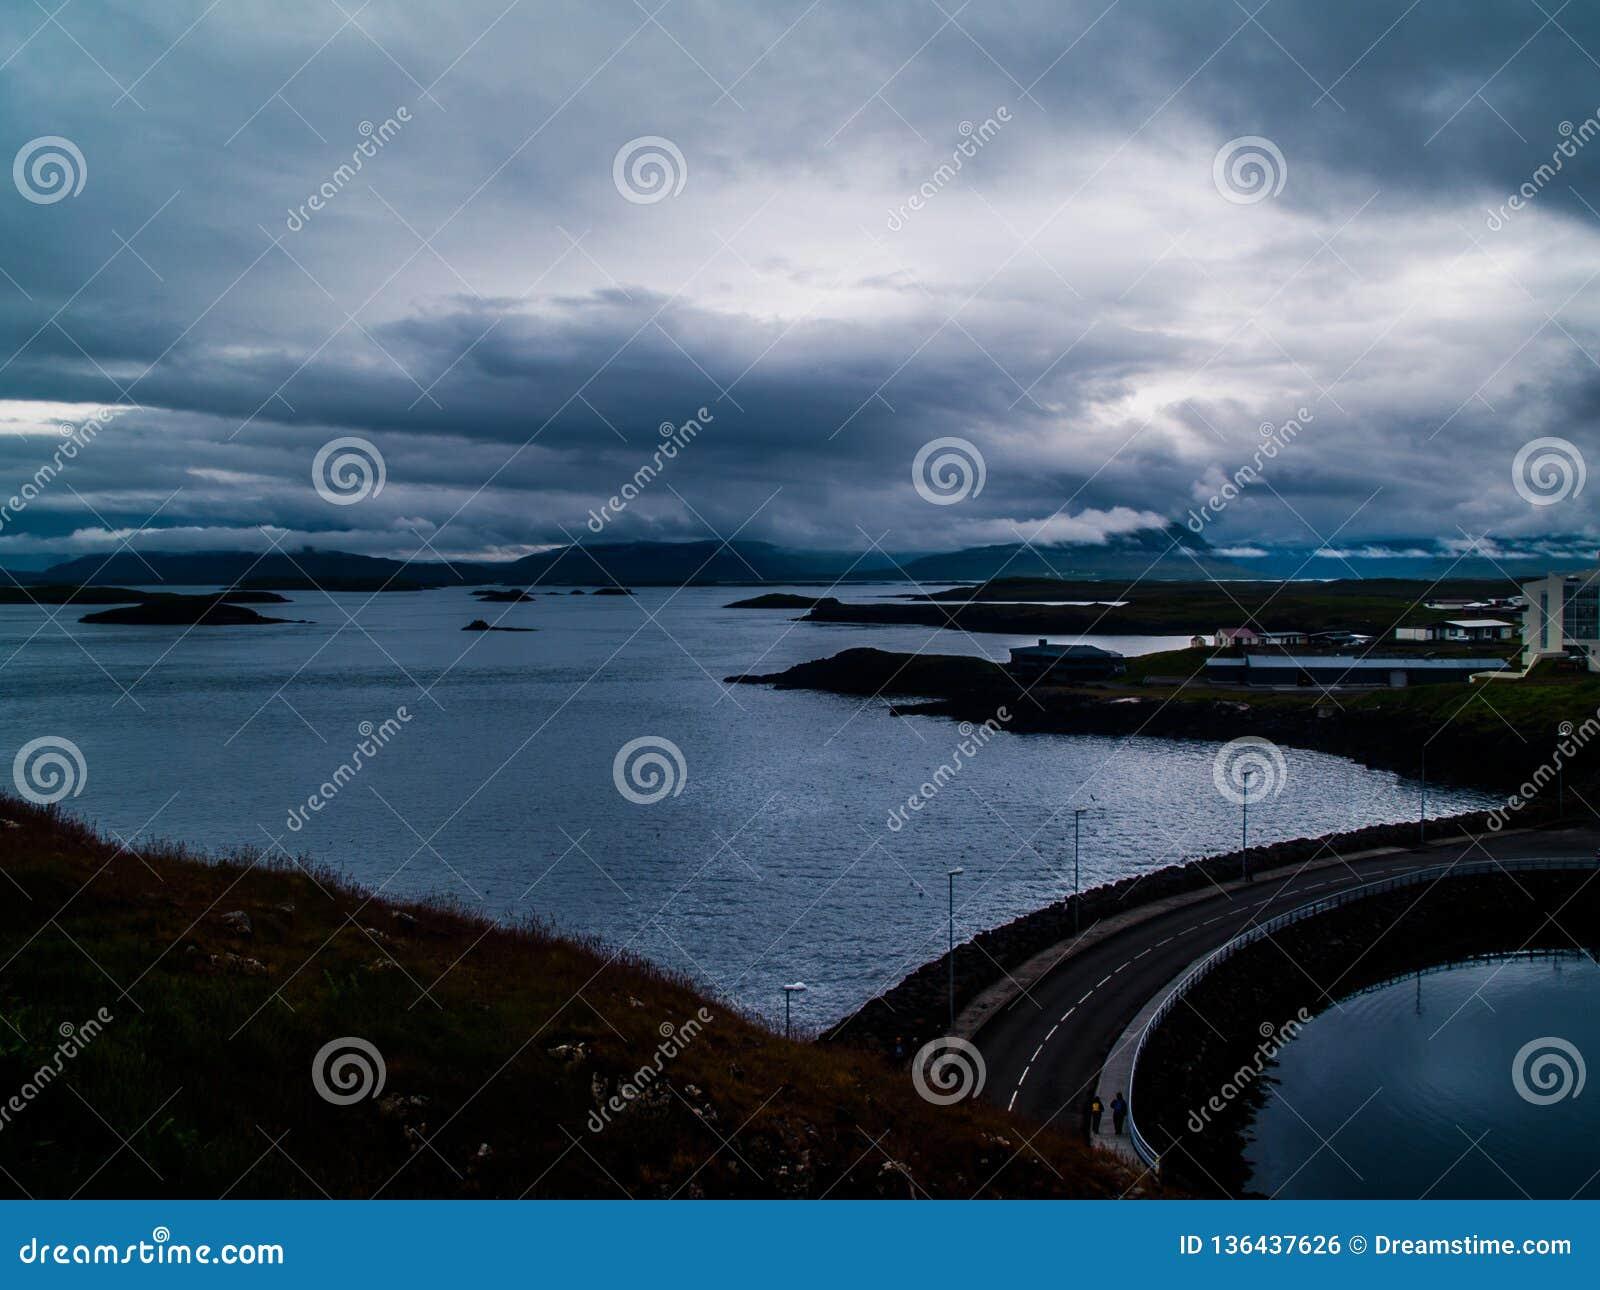 Sikt från fyrön av Stykkishà ³lmur, Island med couldy väder på havet och en väg